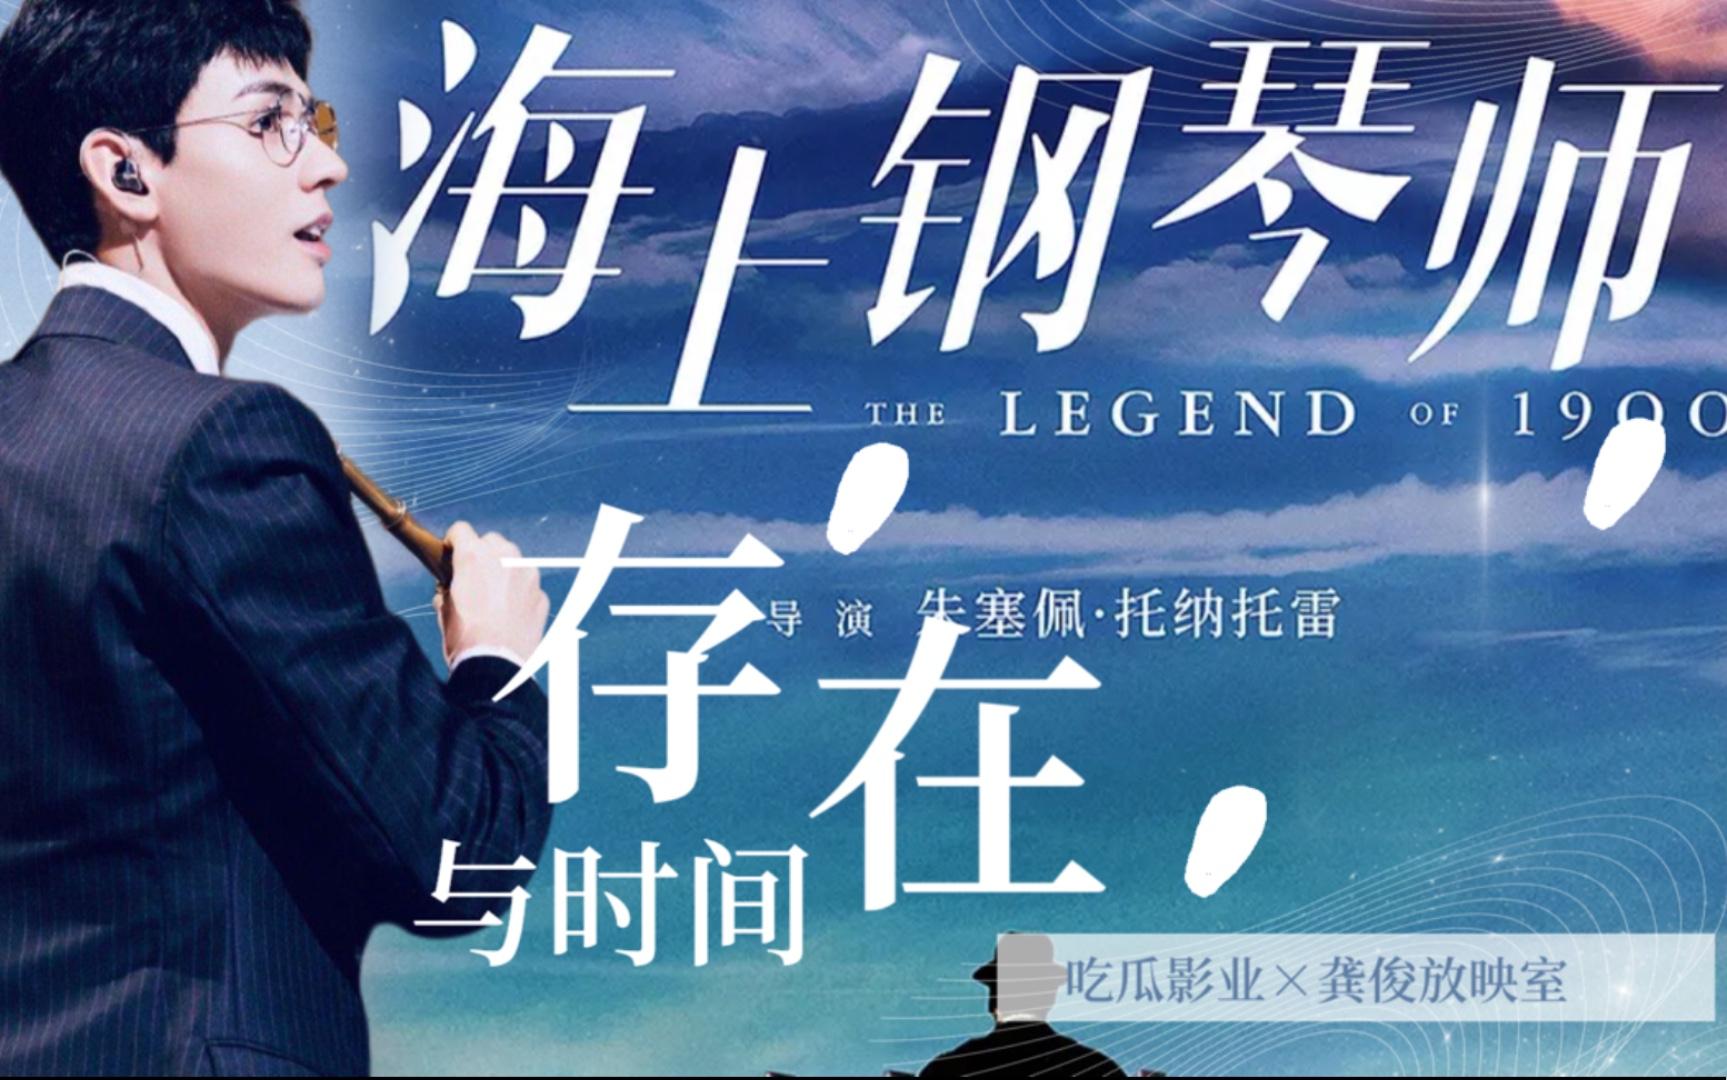 【吃瓜影业×龚俊放映室】《海上钢琴师》:人的存在与时间